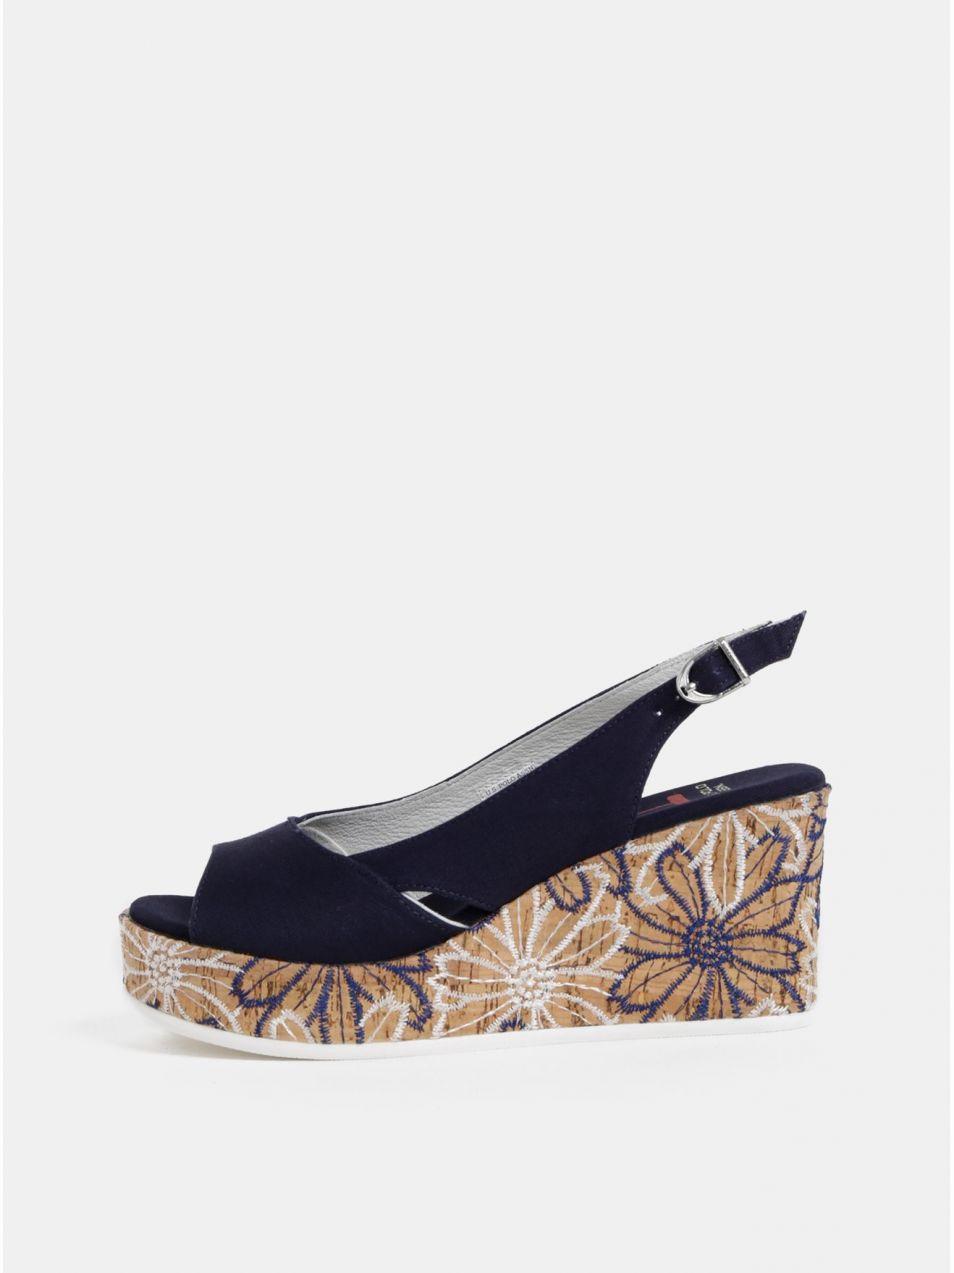 e4b75df84e86 Tmavomodré sandále na platforme U.S. Polo Assn. značky U.S. Polo ...